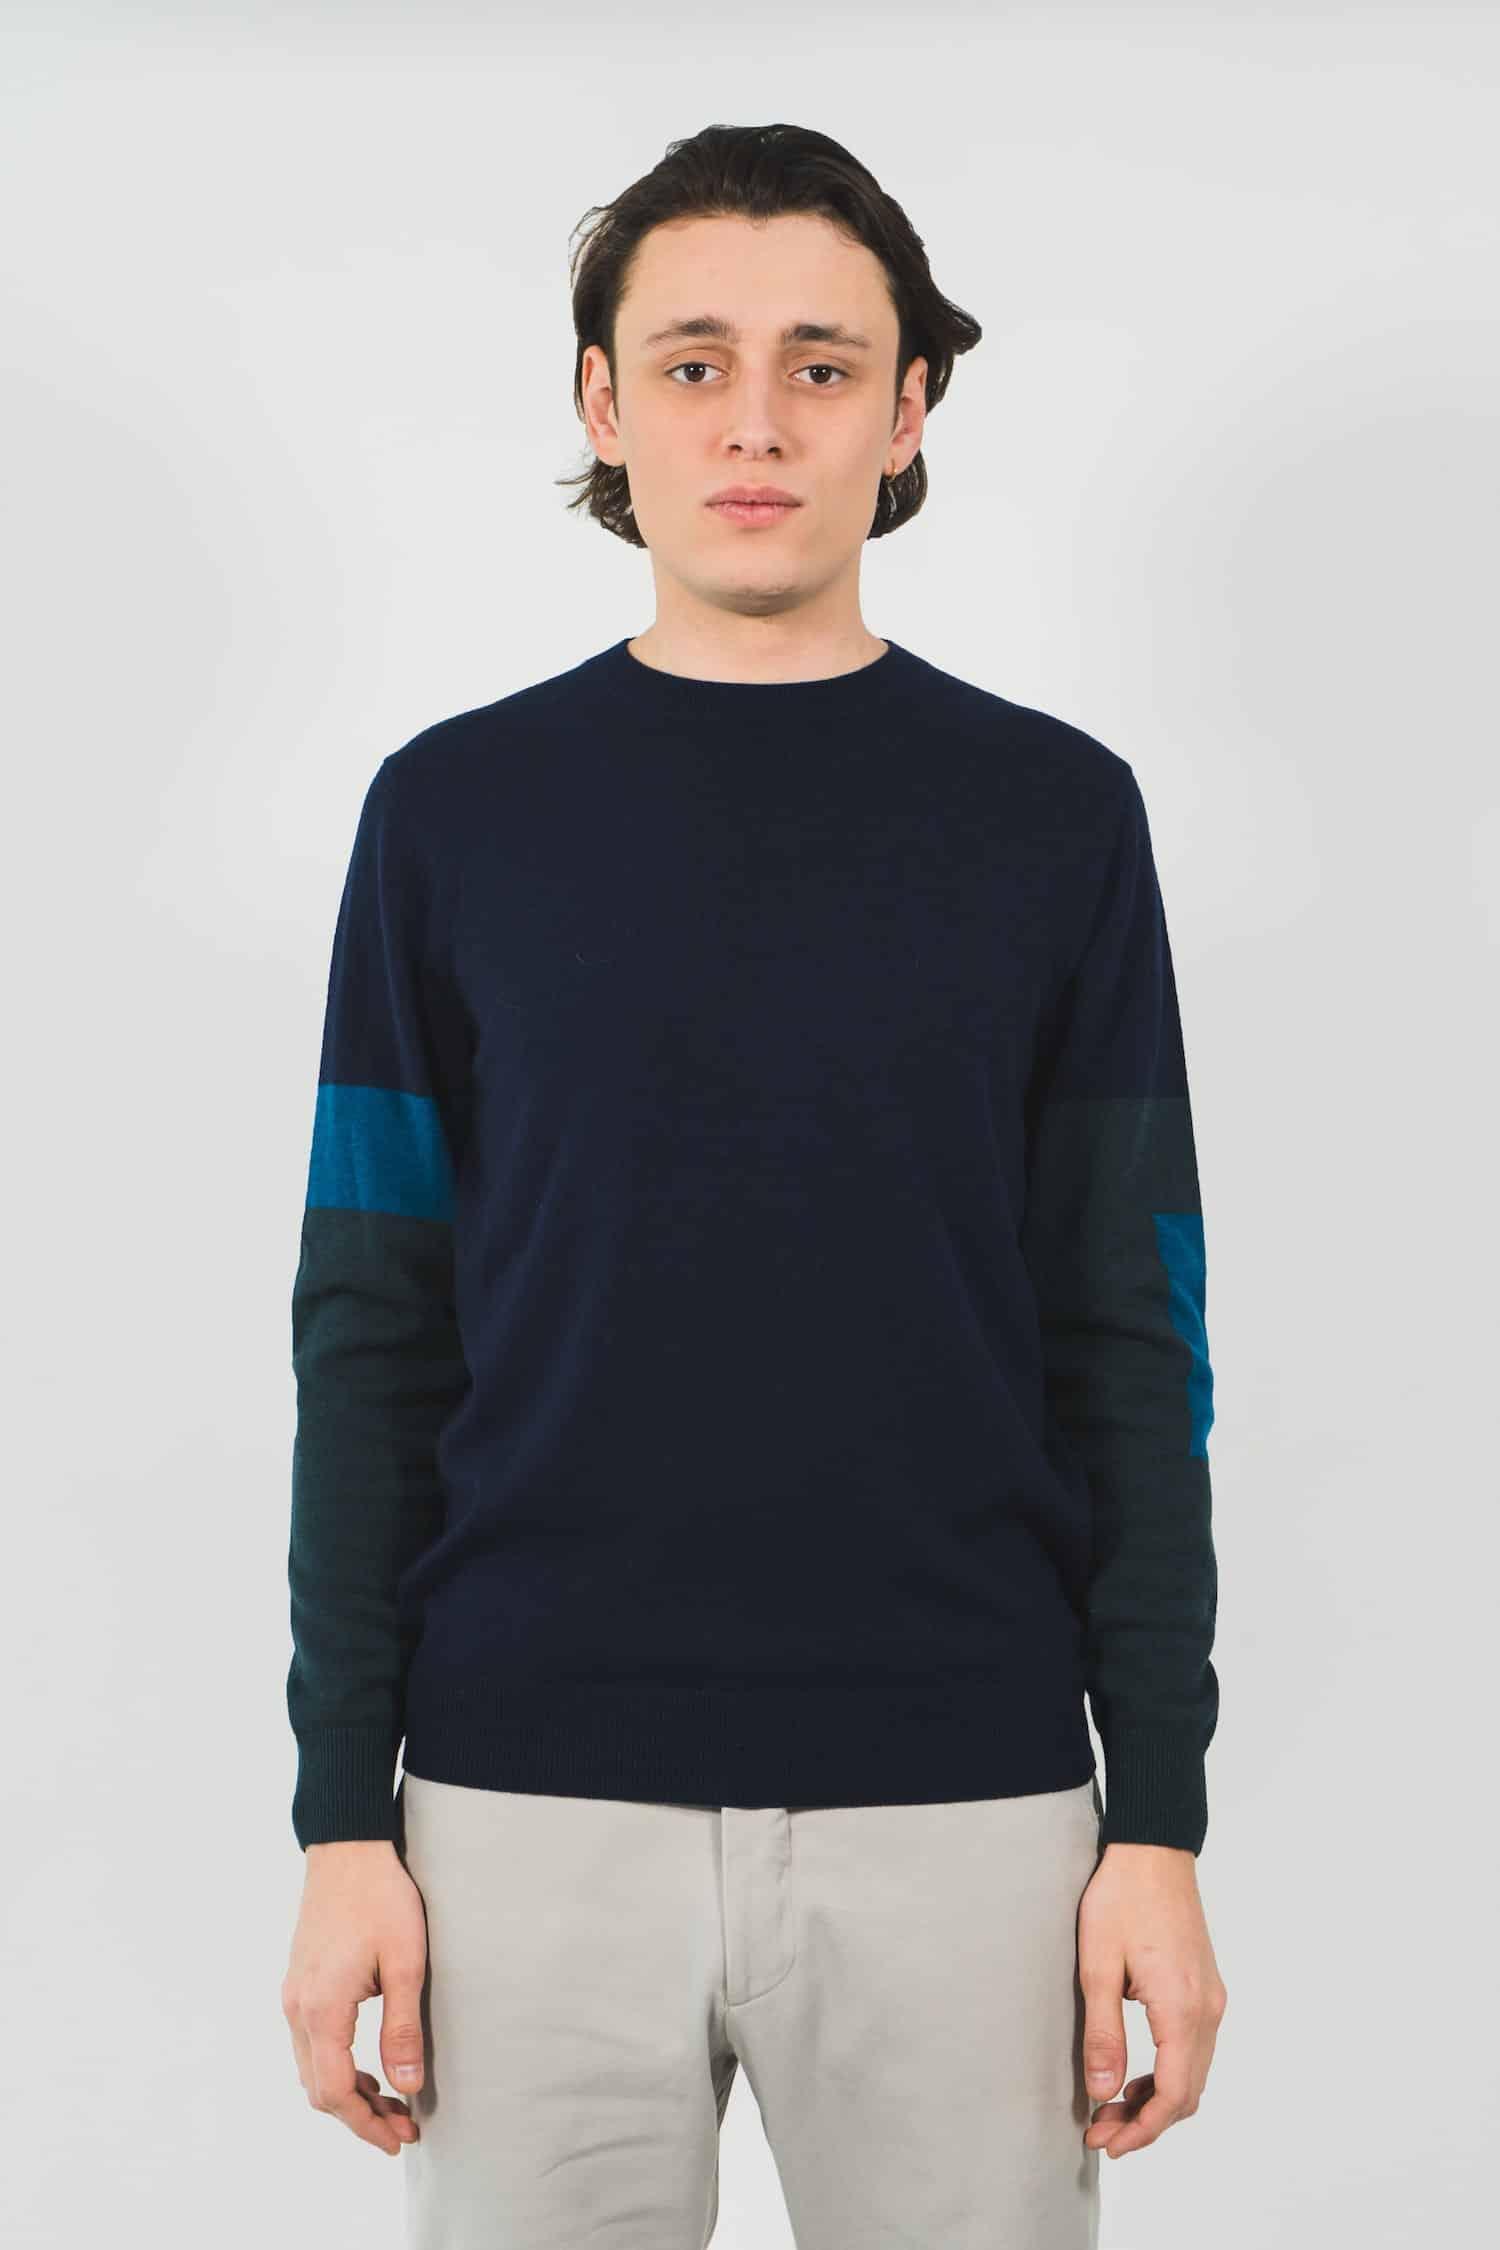 Castart Breuer Knitwear AW19